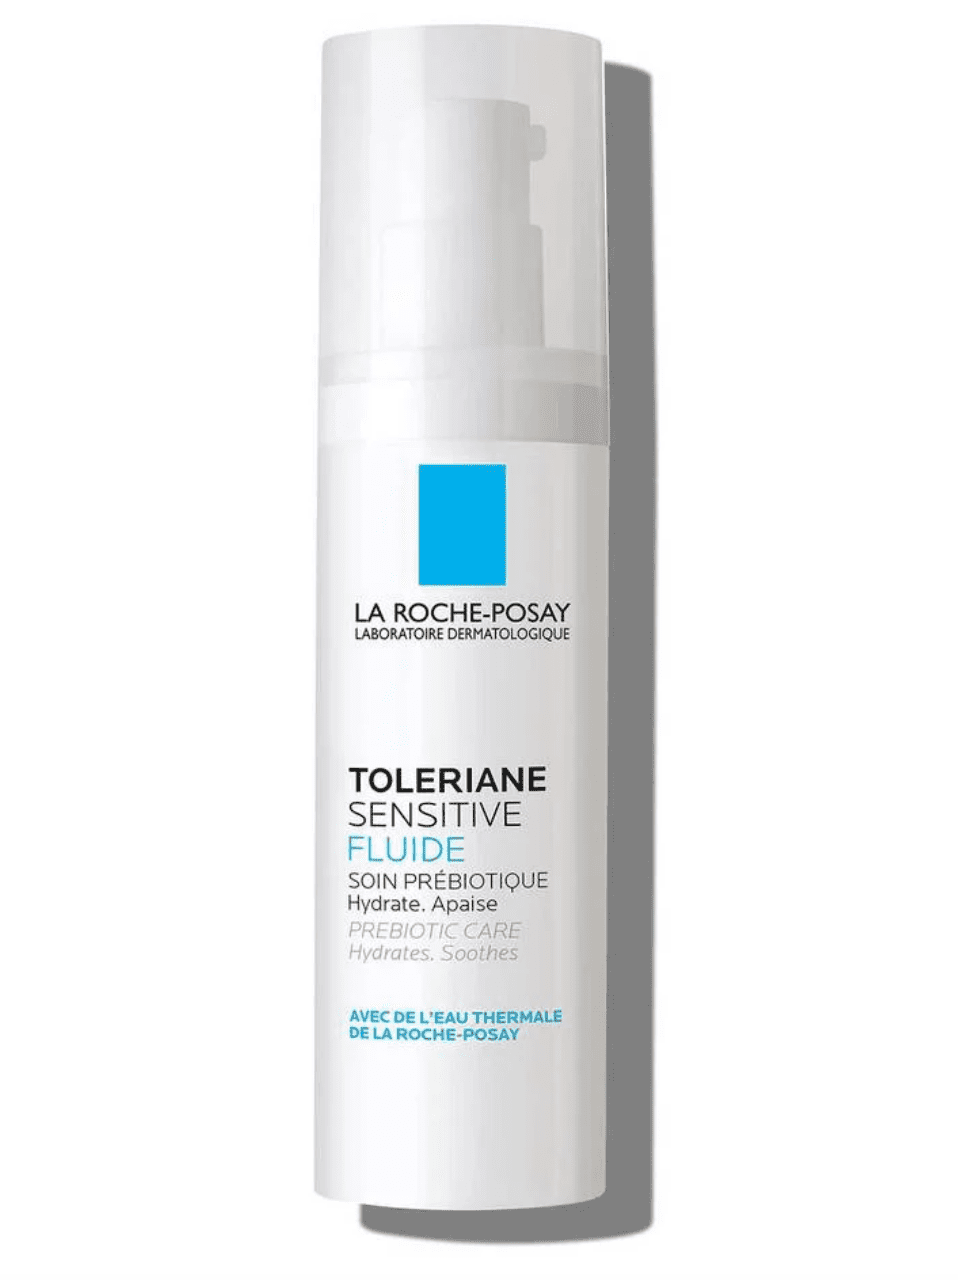 La Roche-Posay Toleriane Fluide Oil Free Moisturizer